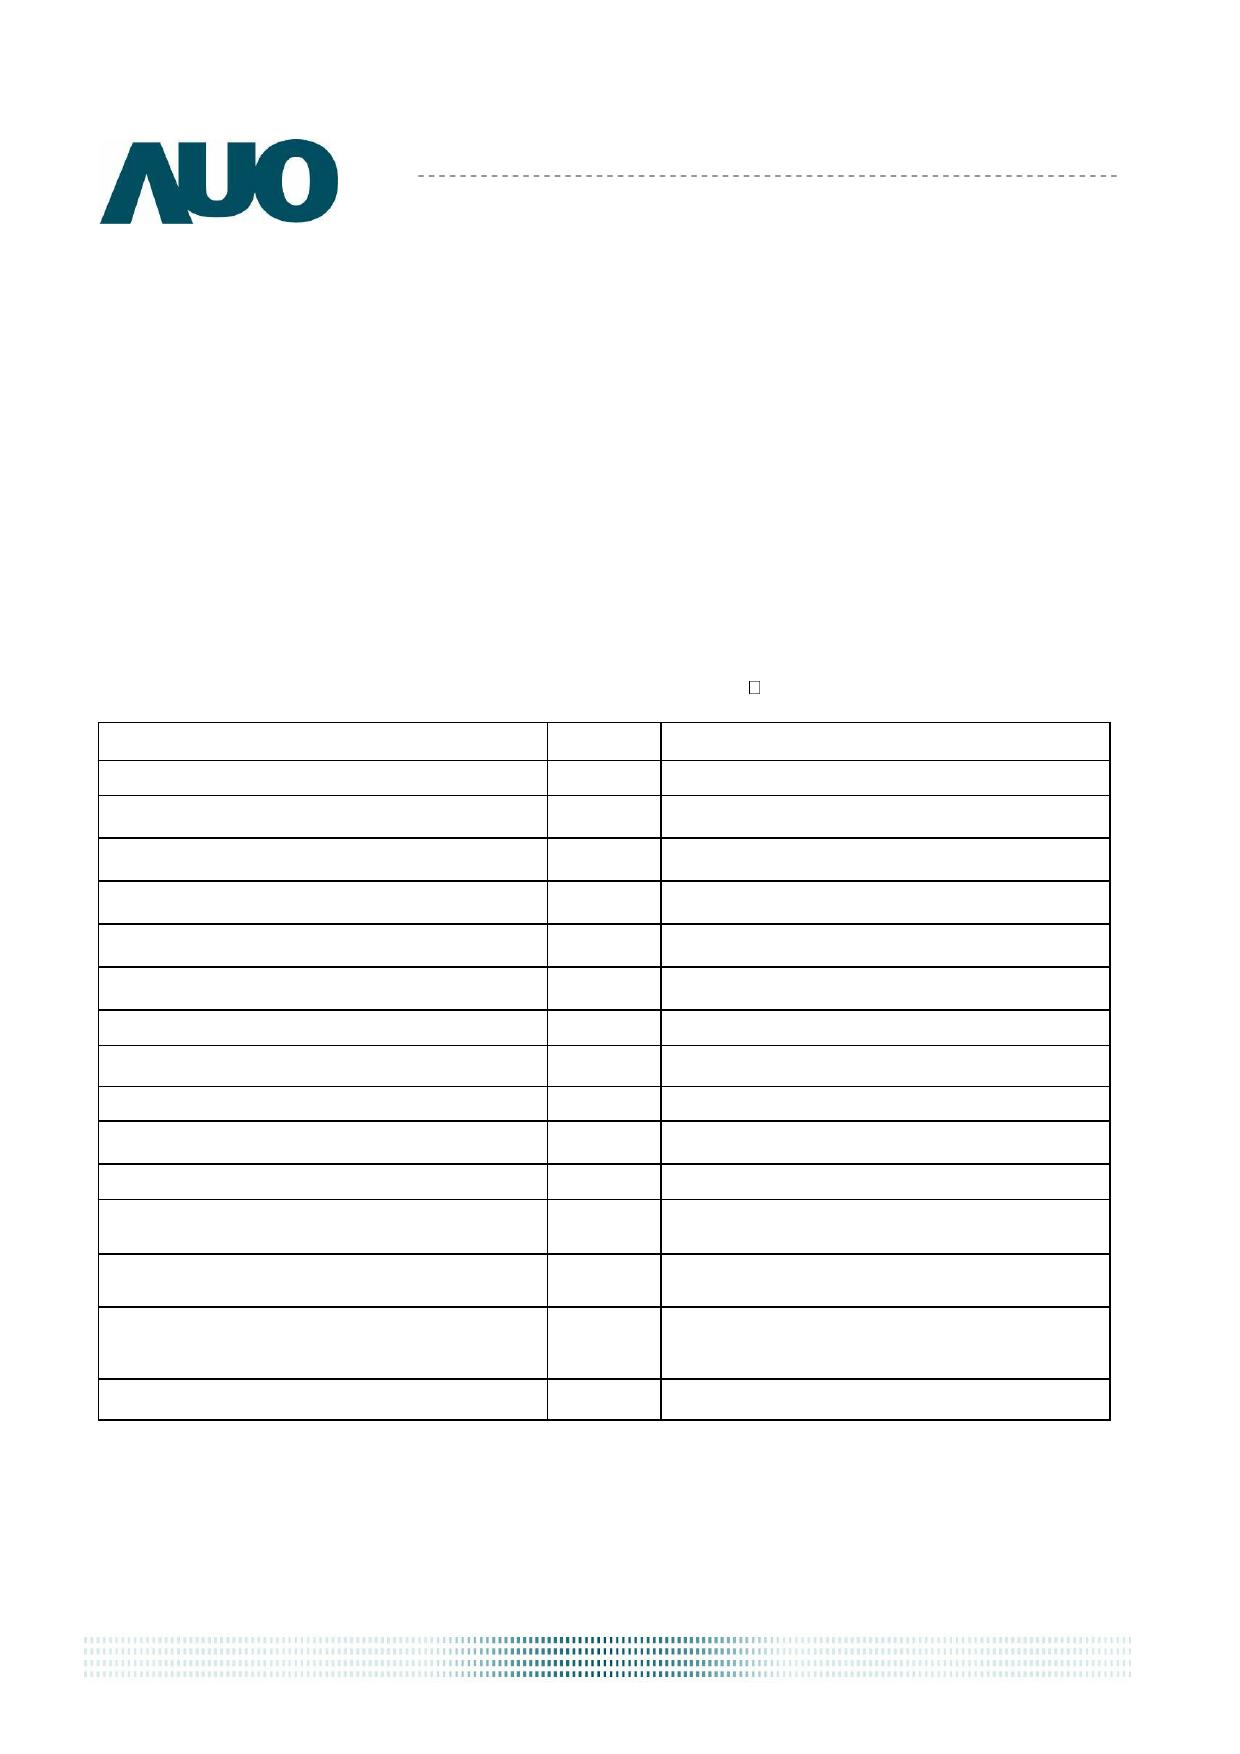 G085VW01_V3 pdf